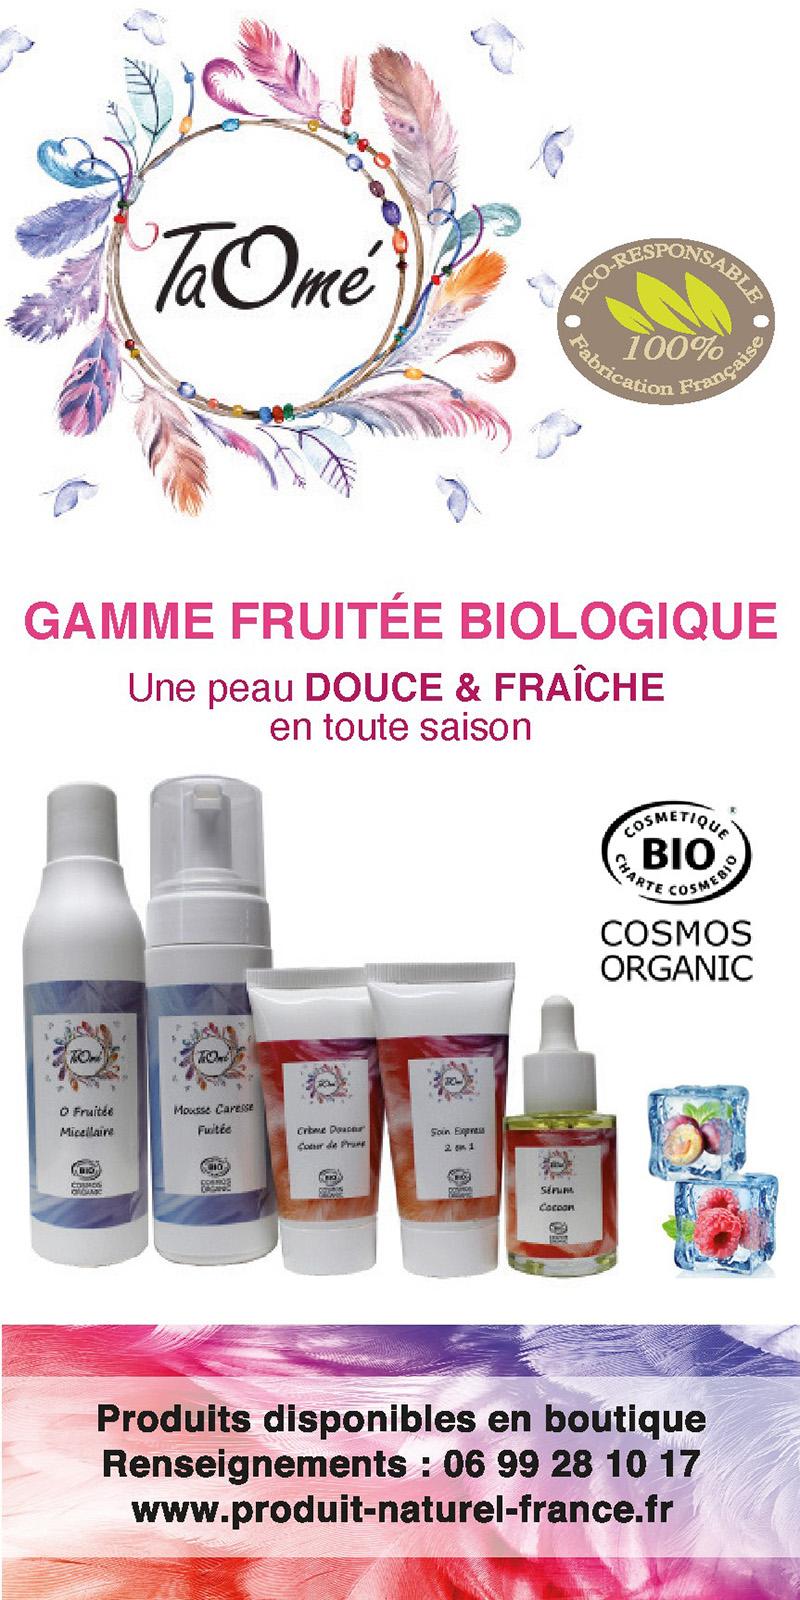 Taomé, cosmétiques fruités biologiques